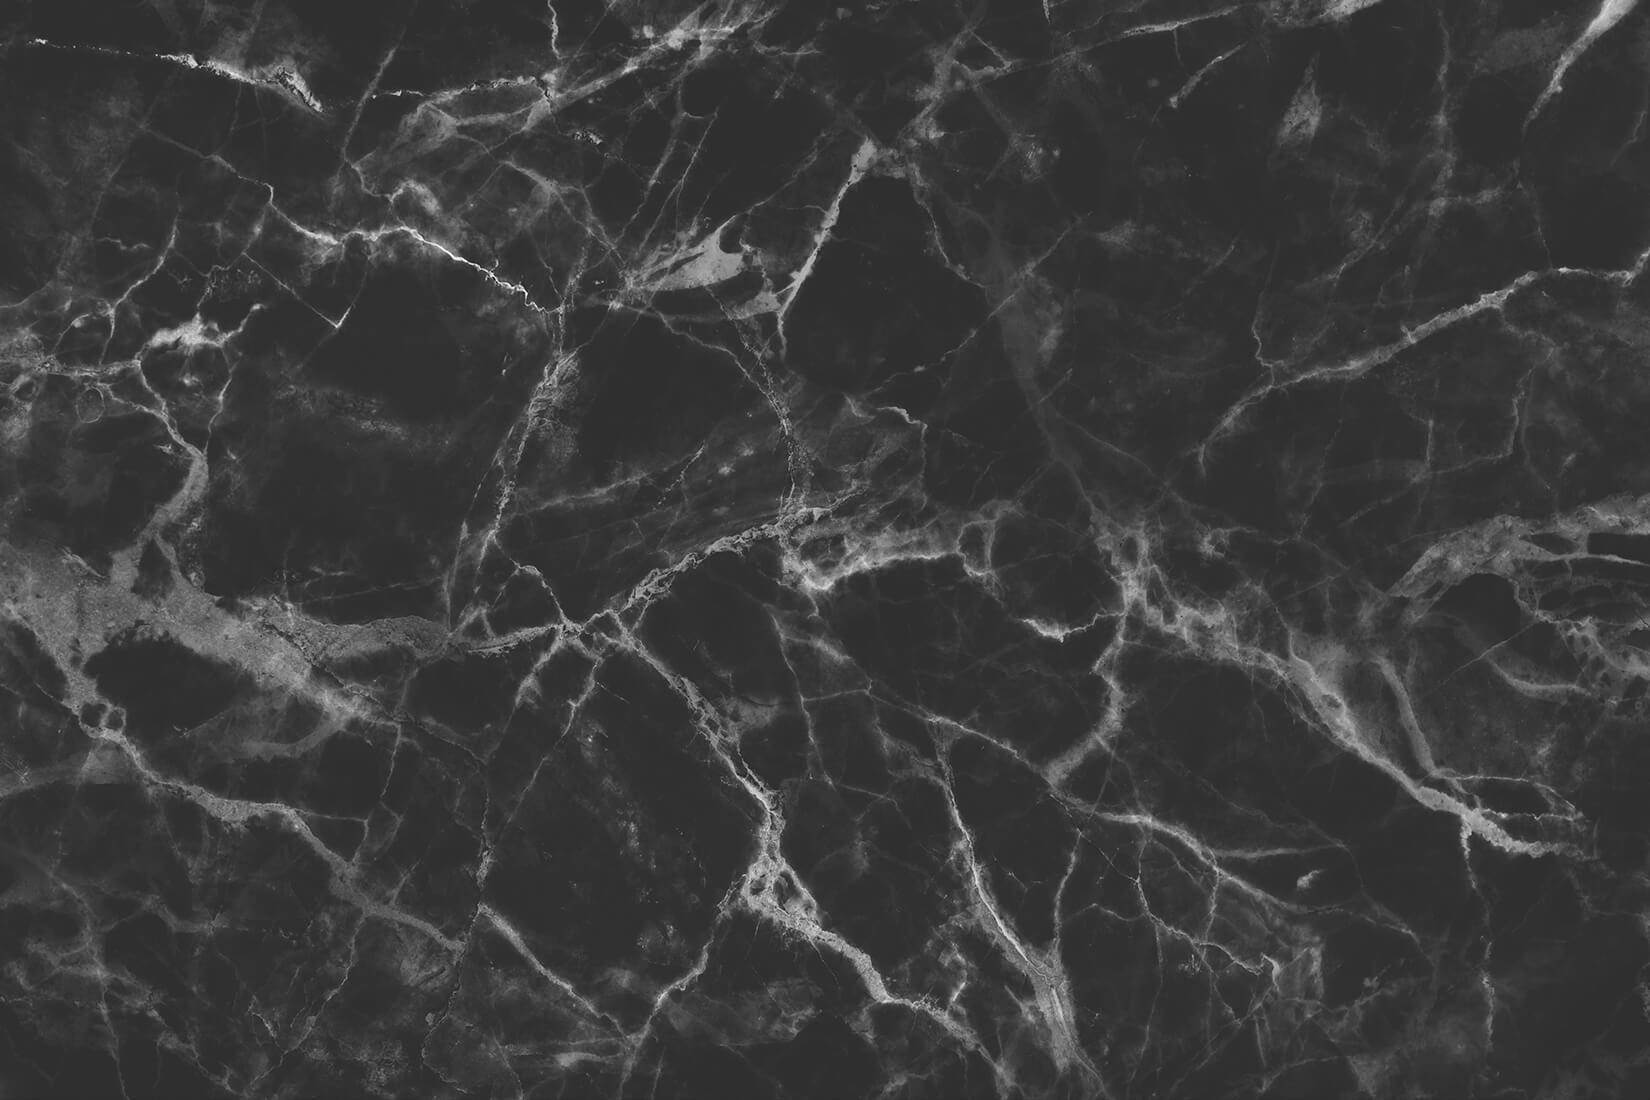 Black Marble Wallpaper Mural Murals Wallpaper In 2020 Black Marble Mural Wallpaper Marble Wallpaper